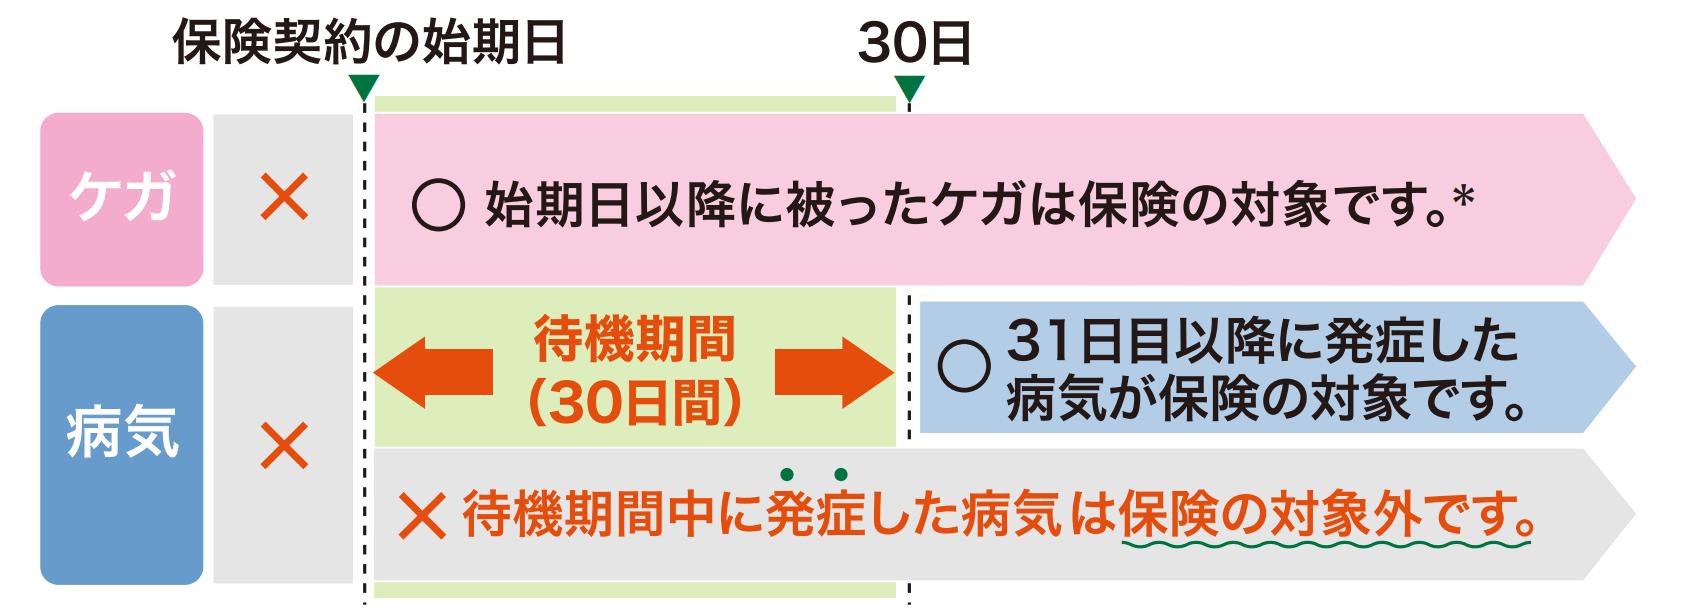 ケガ:始期日以降に被ったケガは保険の対象です。 病気:待機期間(30日間)31日目以降に発症した病気が保険の対象です。